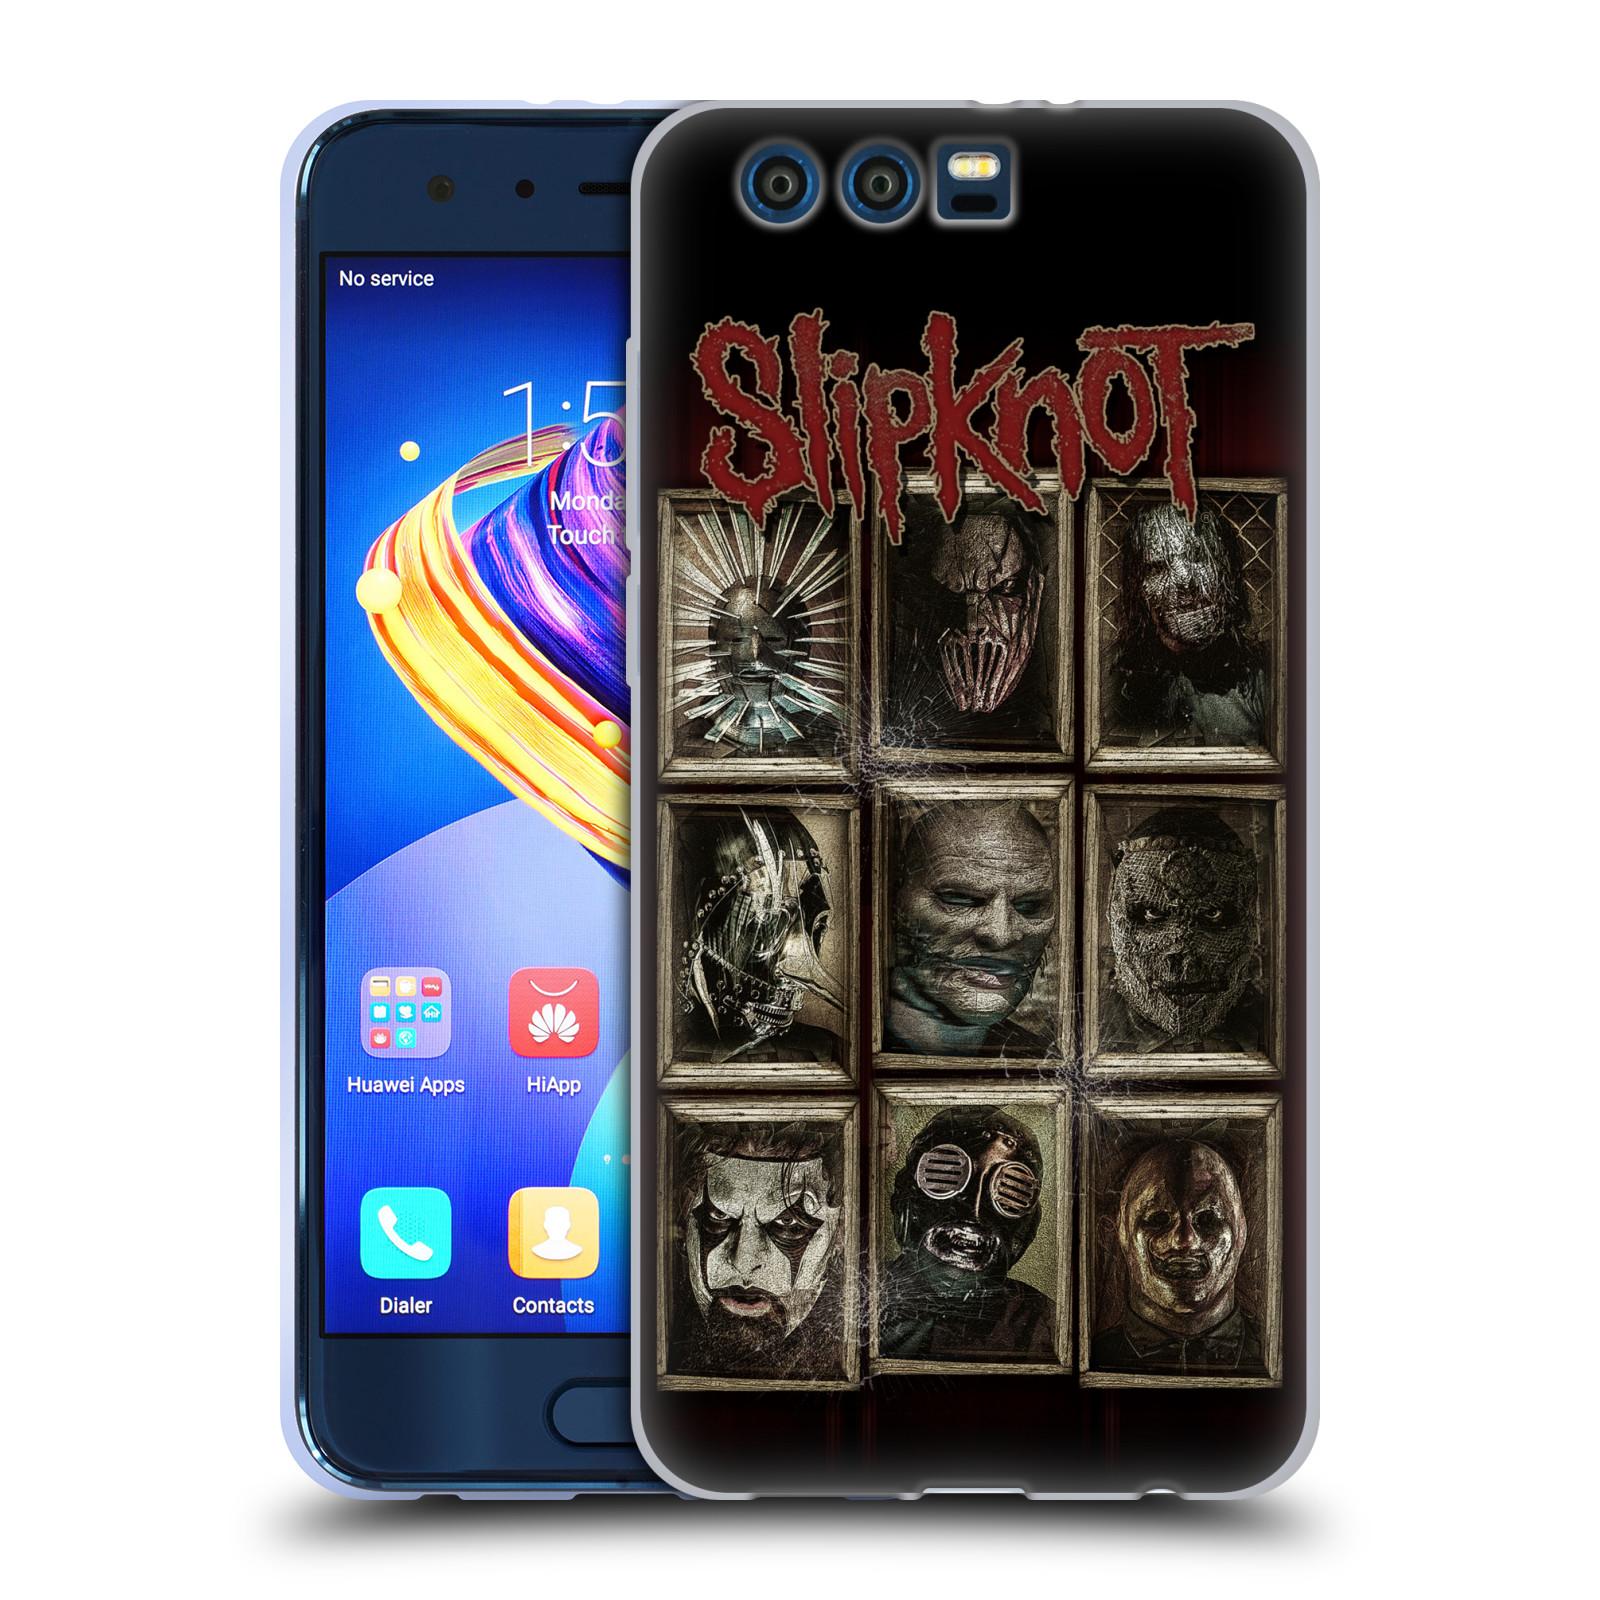 Silikonové pouzdro na mobil Honor 9 - Head Case - Slipknot - Masky (Silikonový kryt či obal na mobilní telefon Honor 9 s motivem Slipknot - Masky)